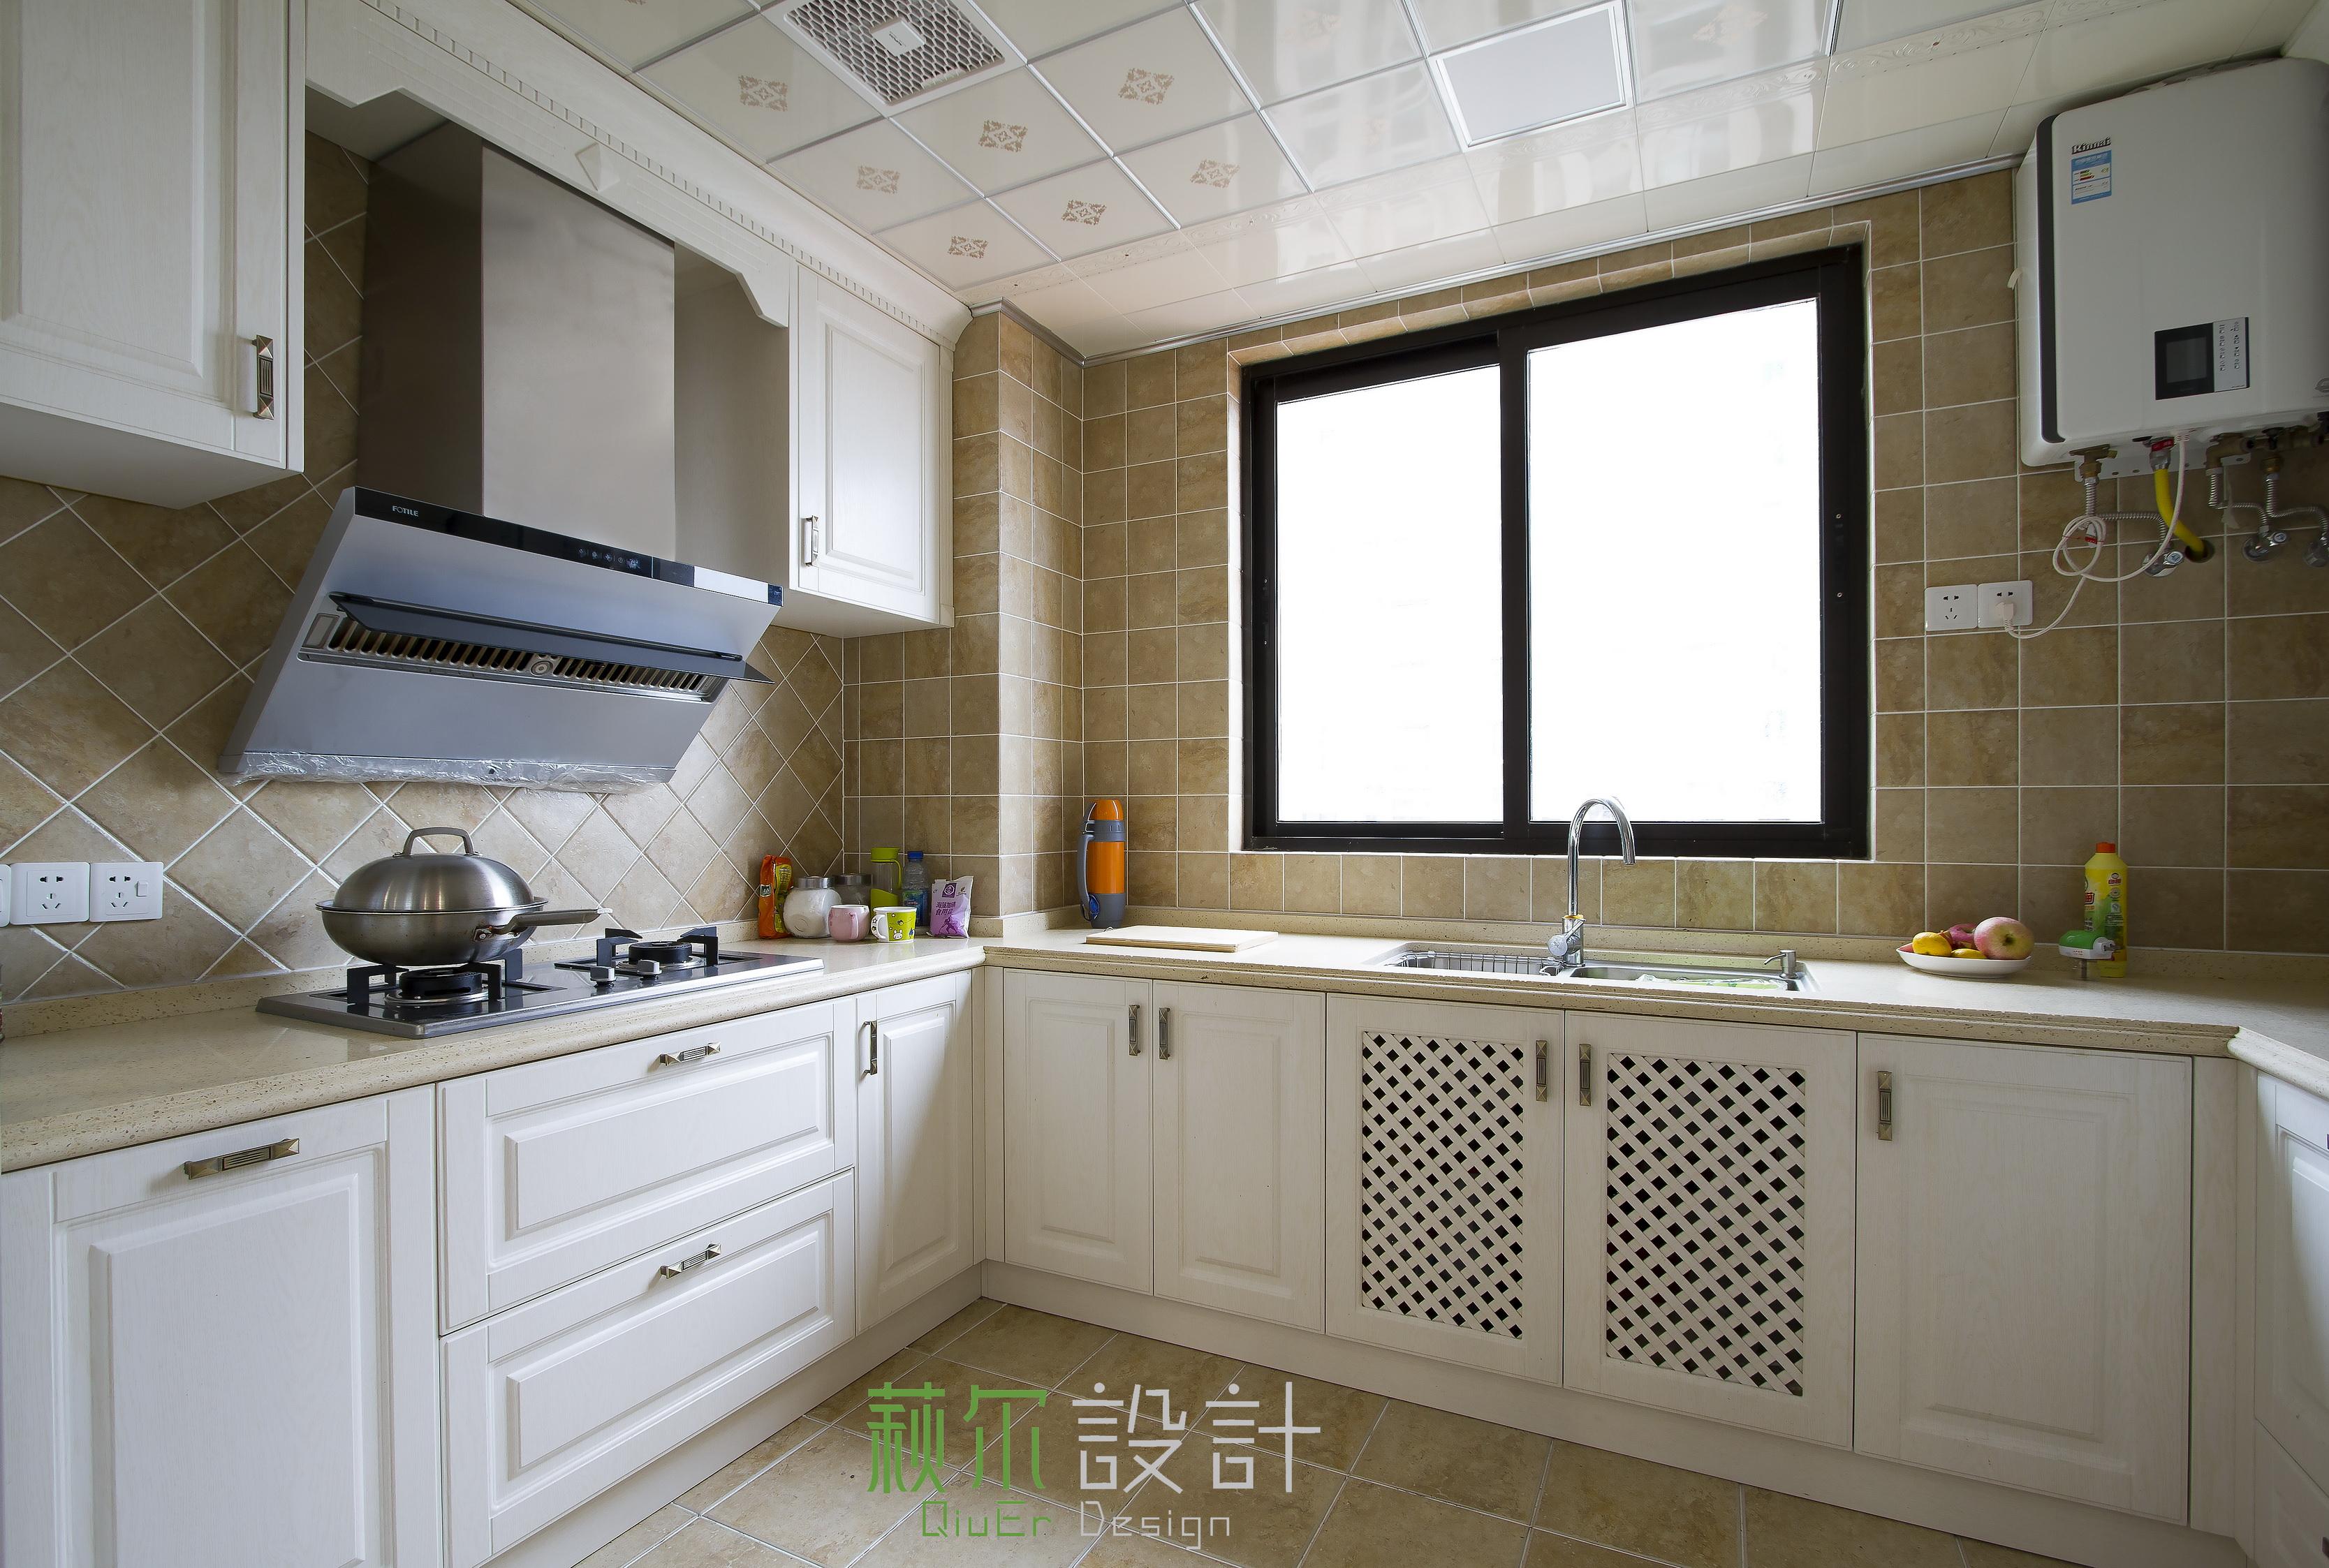 简约 白领 收纳 小资 厨房图片来自萩尔空间设计在华丽家族的分享